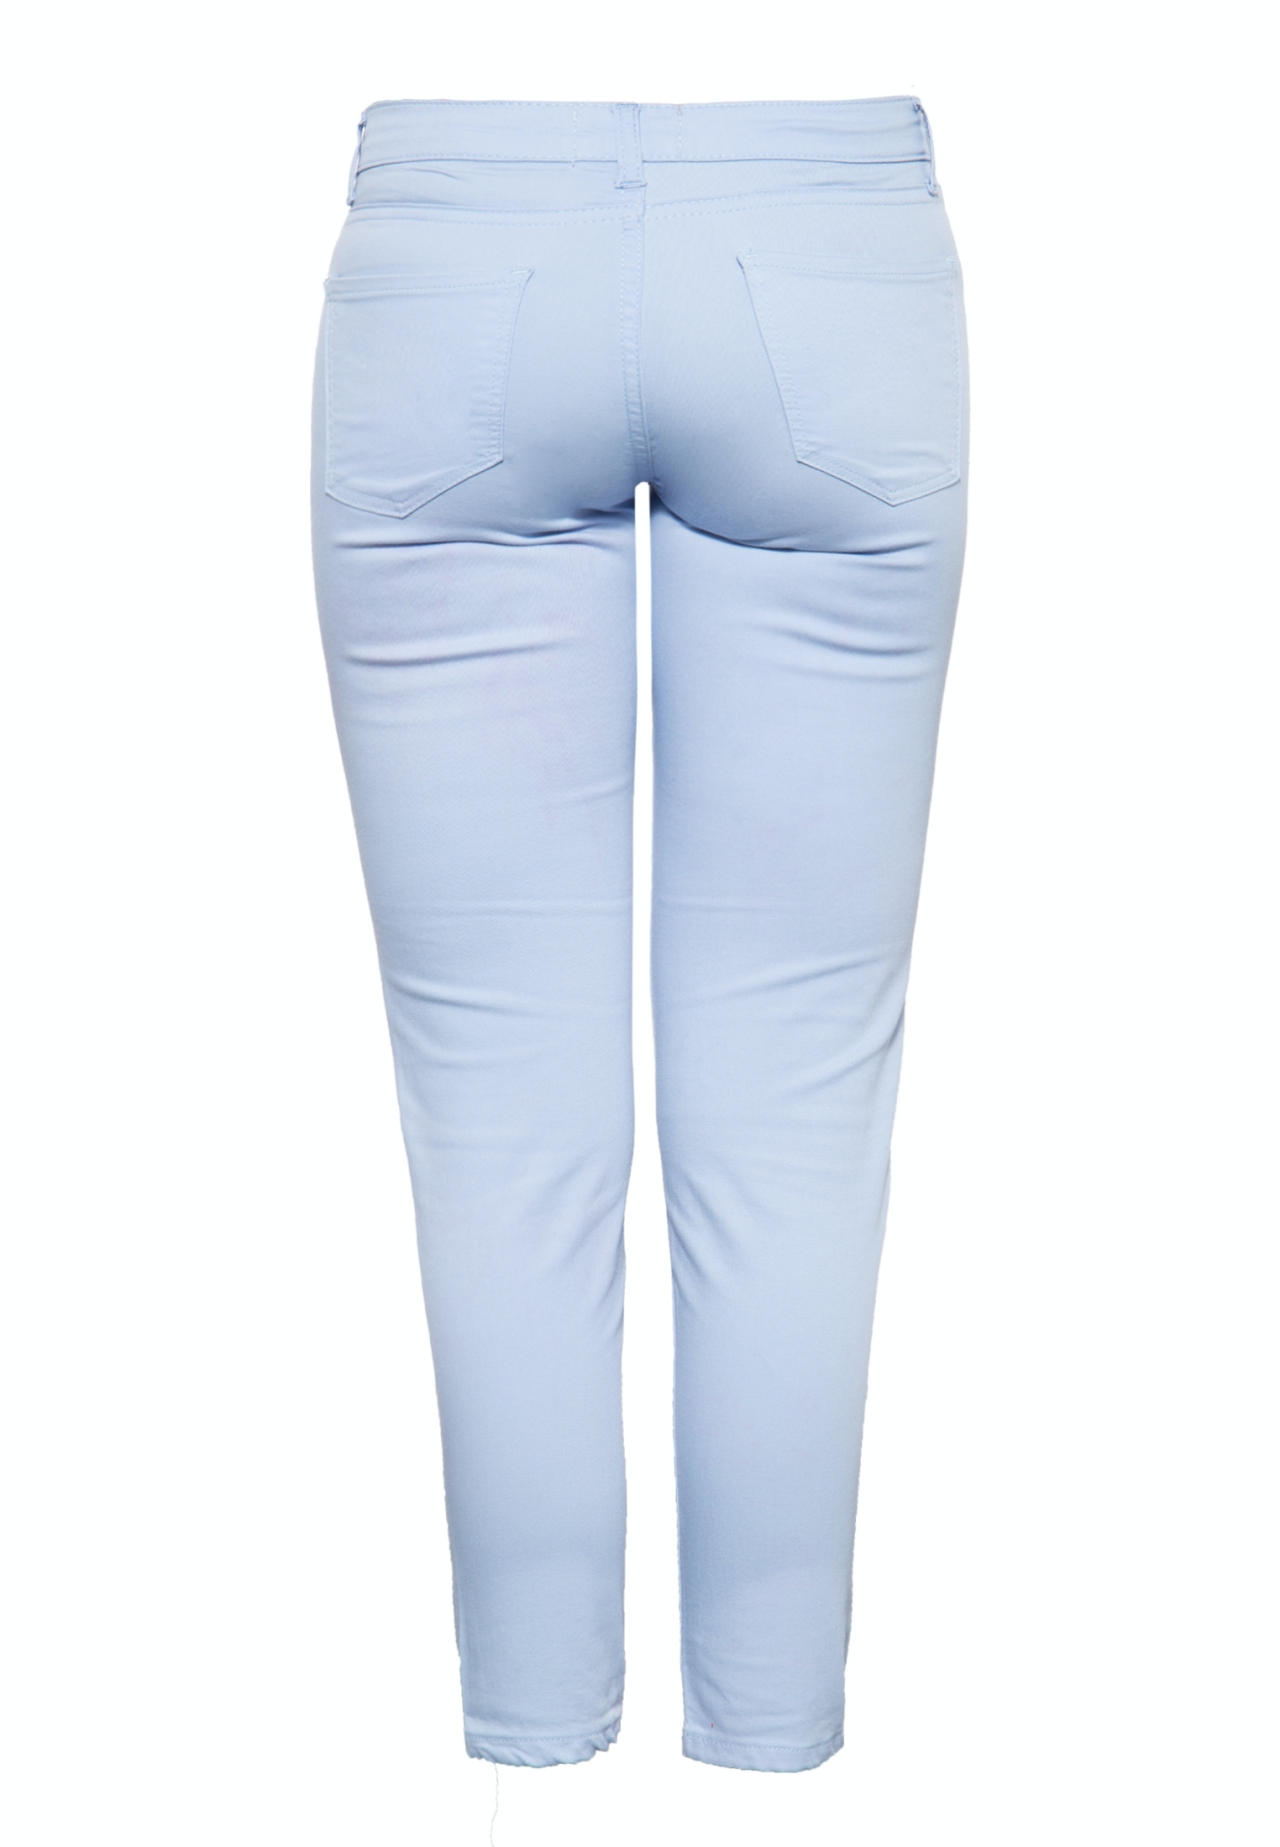 Way of Glory Damenjeans im schlichten 5-Pocket-Design mit gekürzter Beinlänge in hellblau günstig kaufen